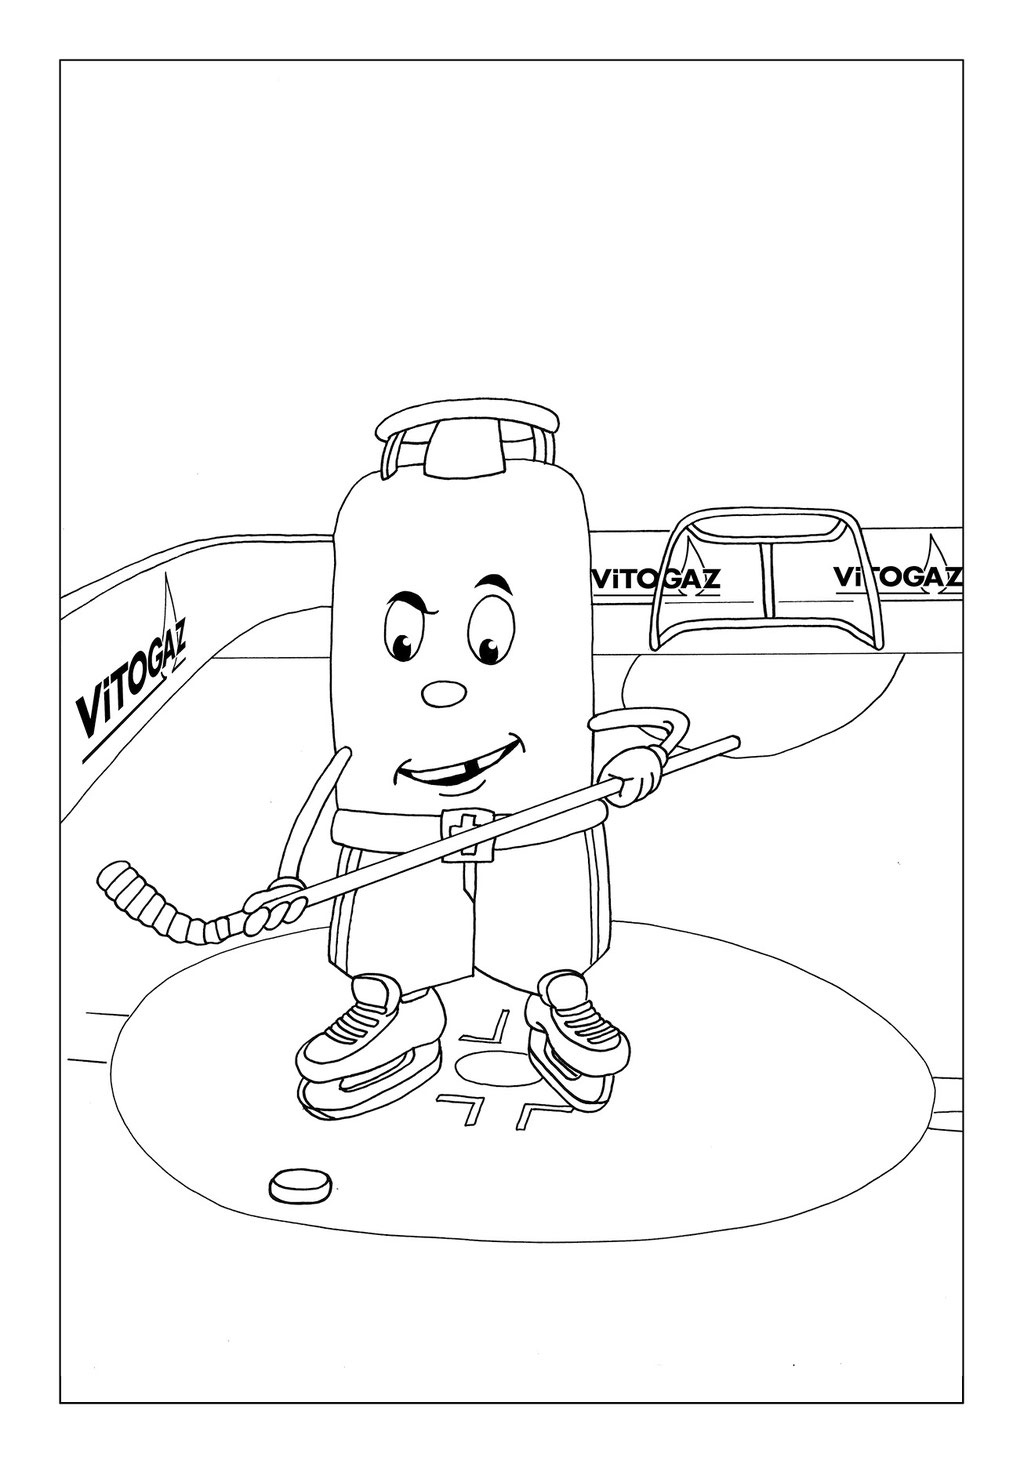 Vitogaz Kinder-Malbuch: Idee Zeichnung und Illustration: Eis Hockey